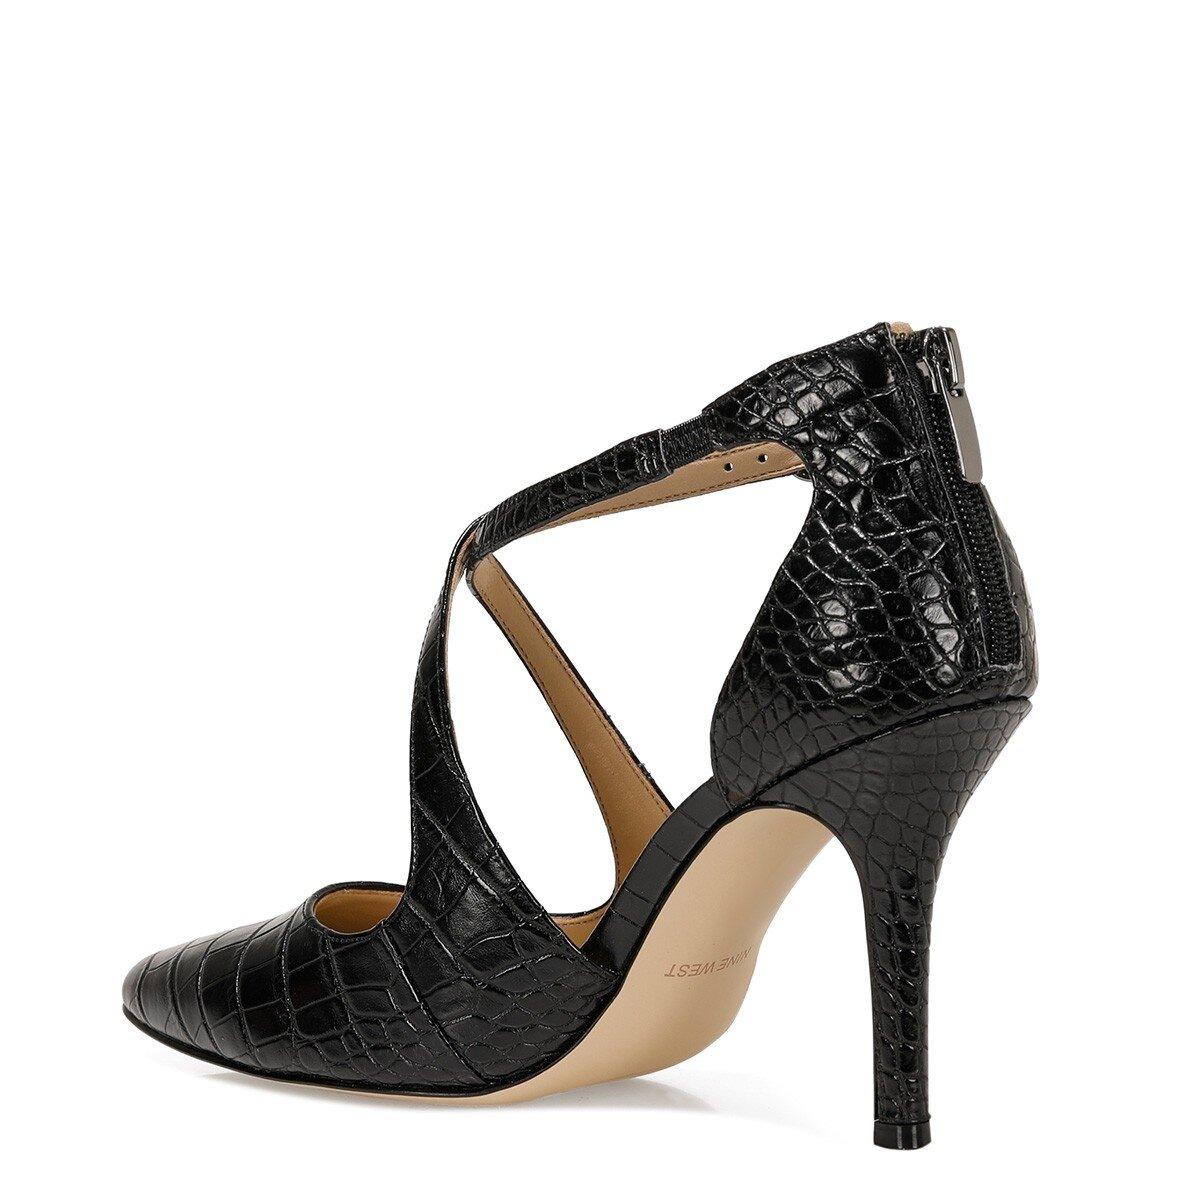 FAYLA3 Siyah Kadın Topuklu Ayakkabı